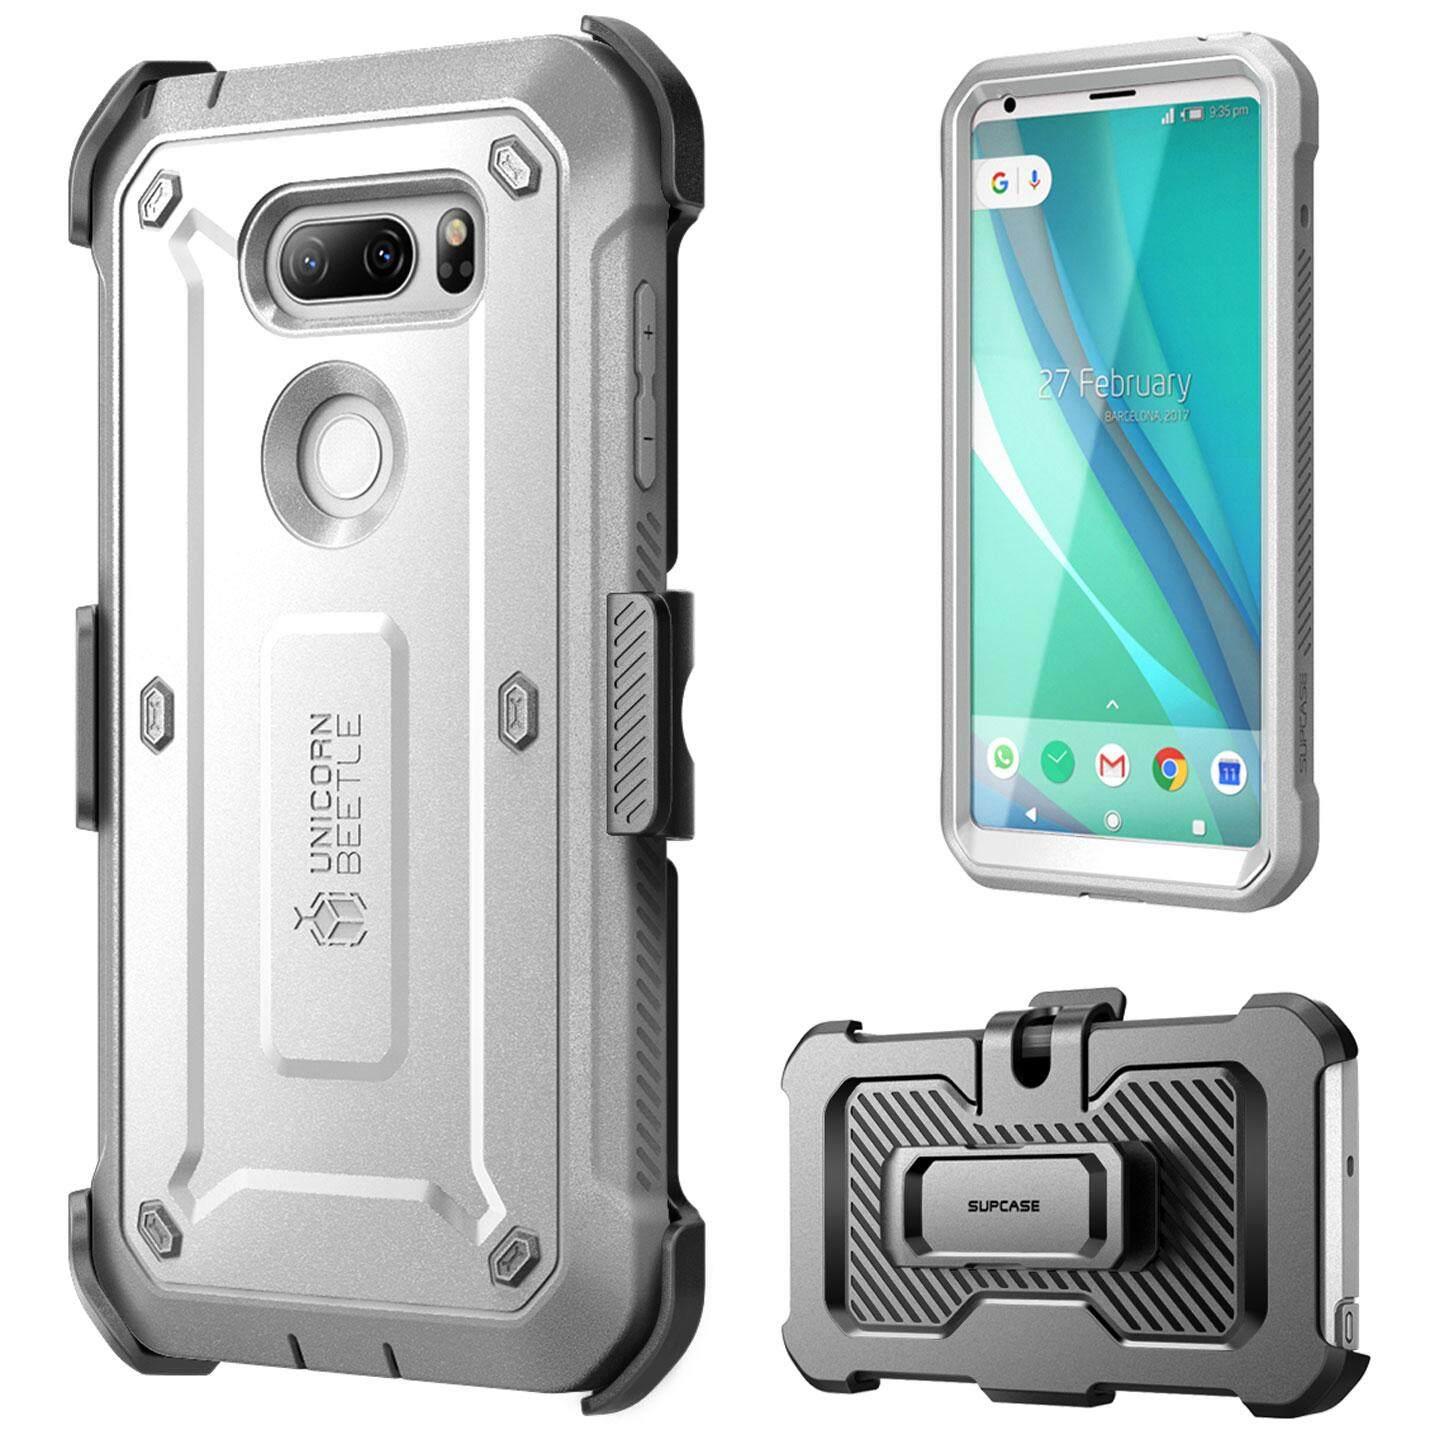 Sup Case LG V30 Case Tubuh Penuh Kasar Case dengan Pelindung Layar dan Klip Sabuk untuk LG V30, LG V30s LG V30 Plus, LG V35 LG V35 Thinq